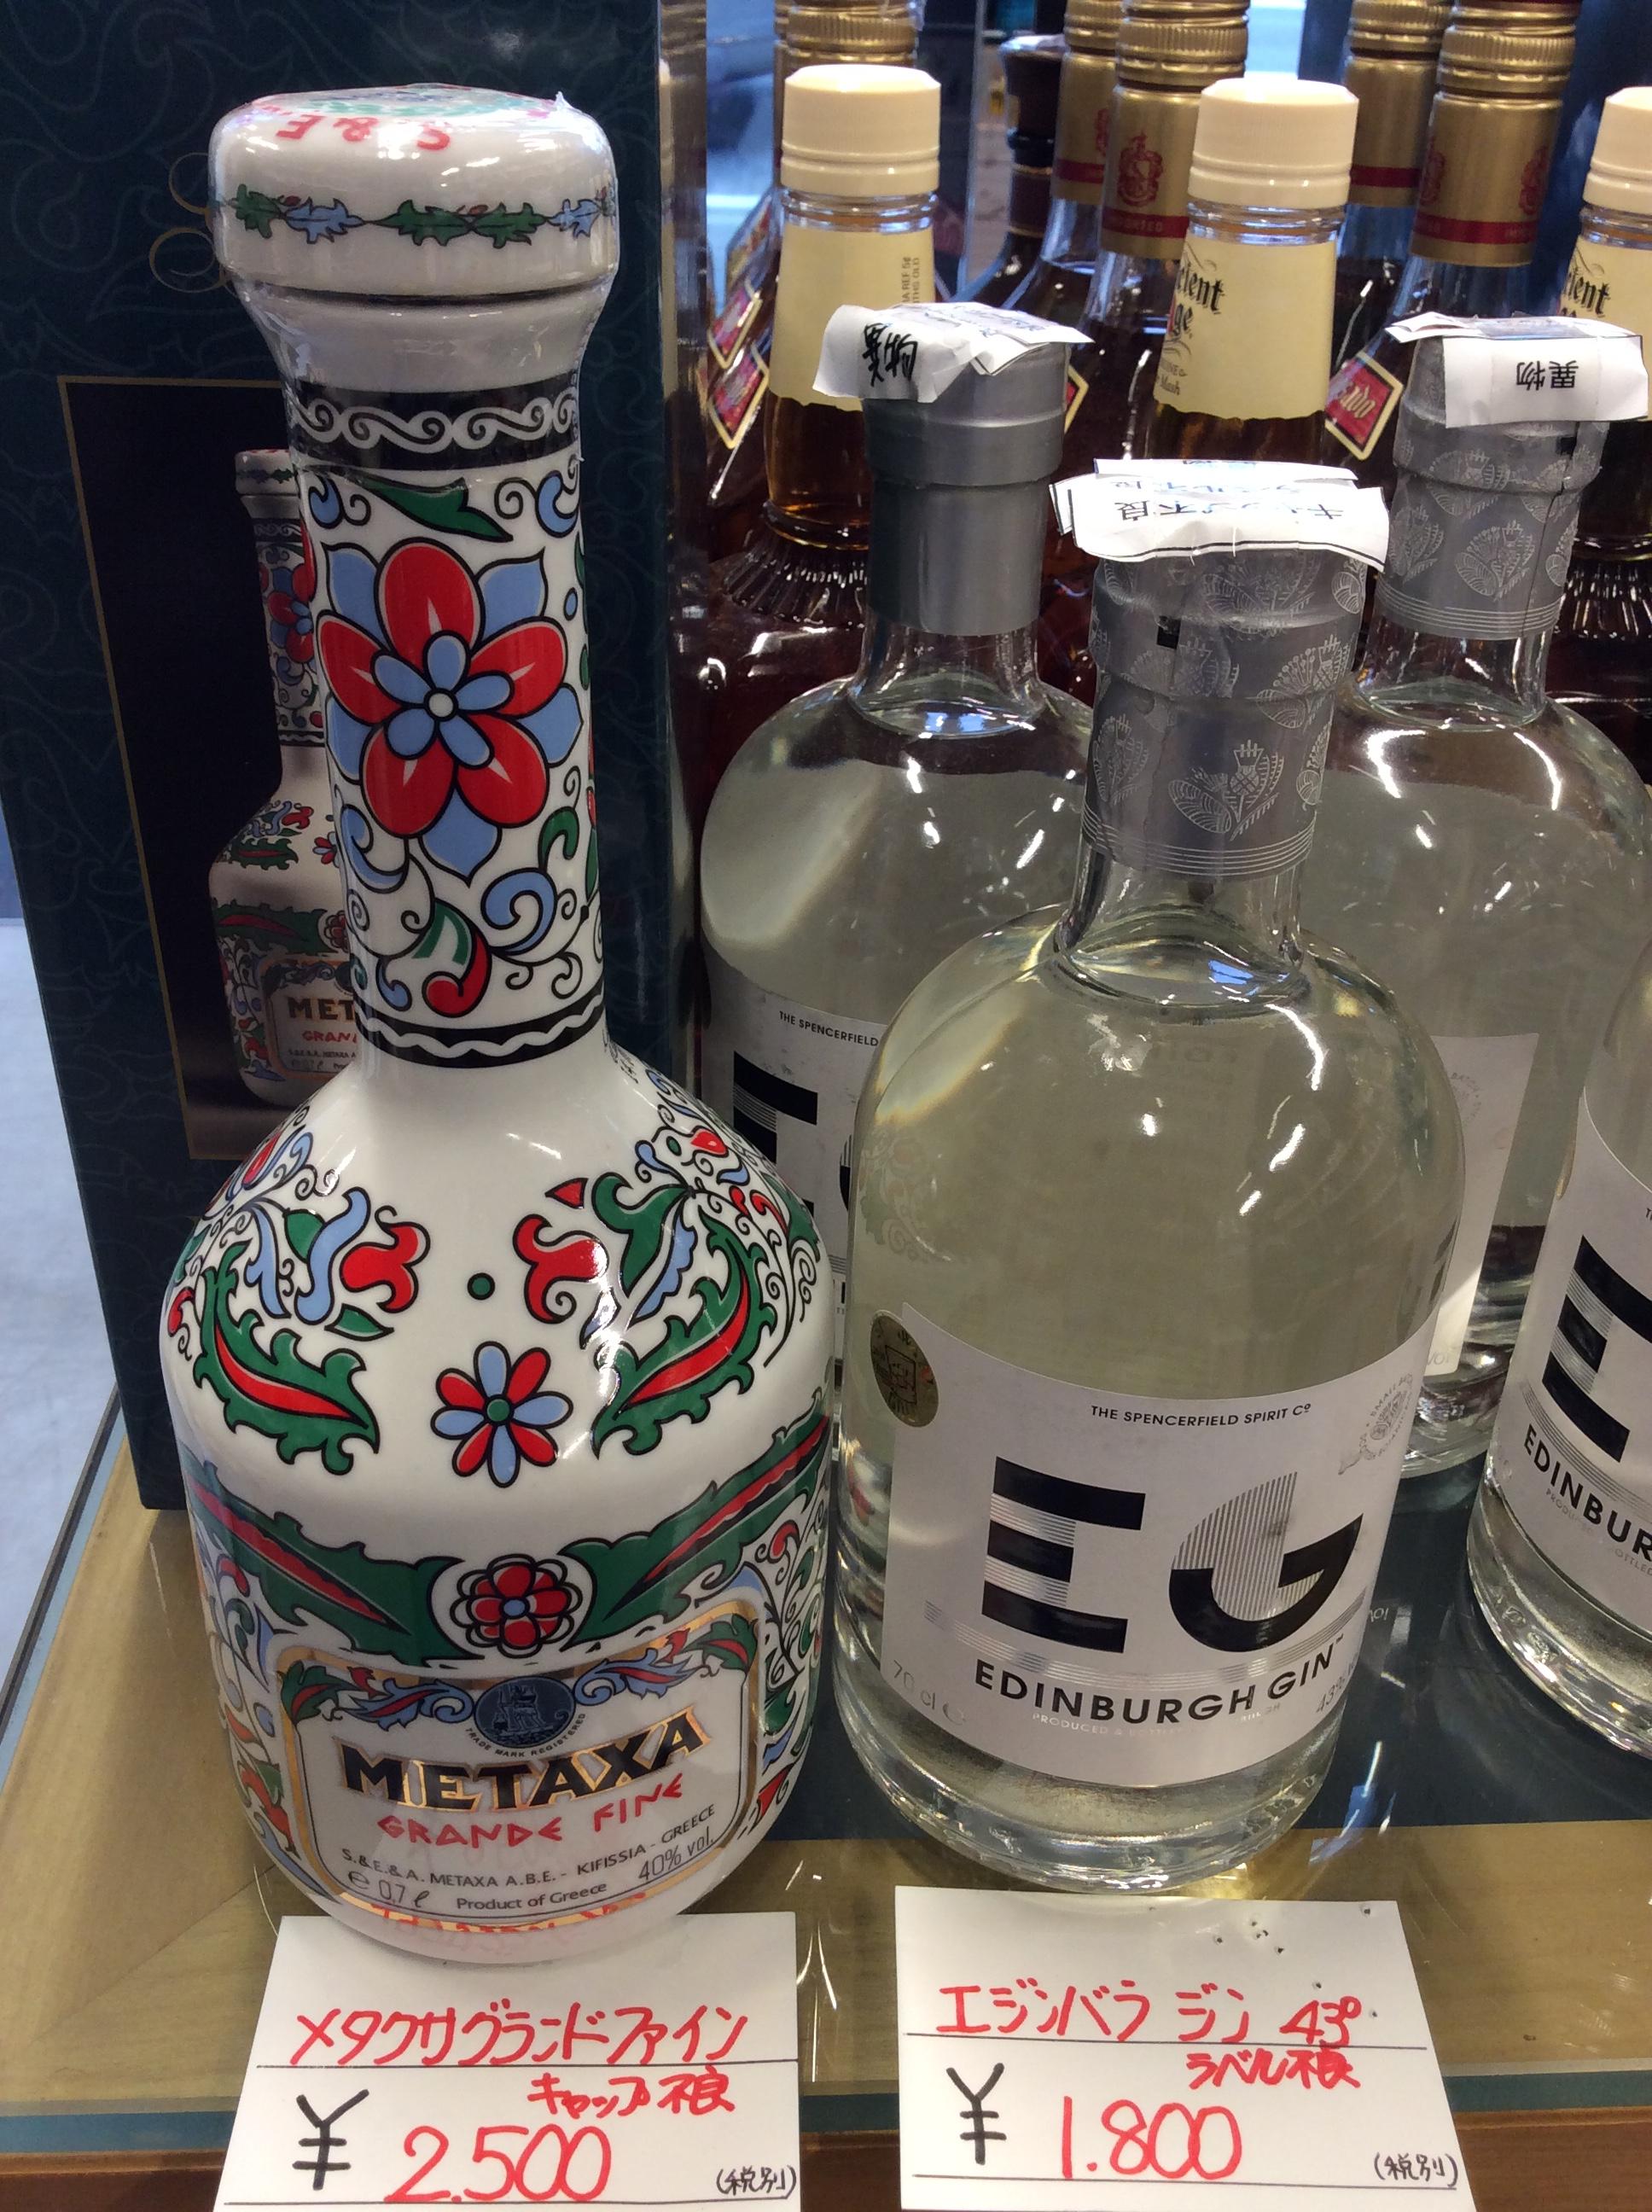 セール・メタクサ&エジンバラジン